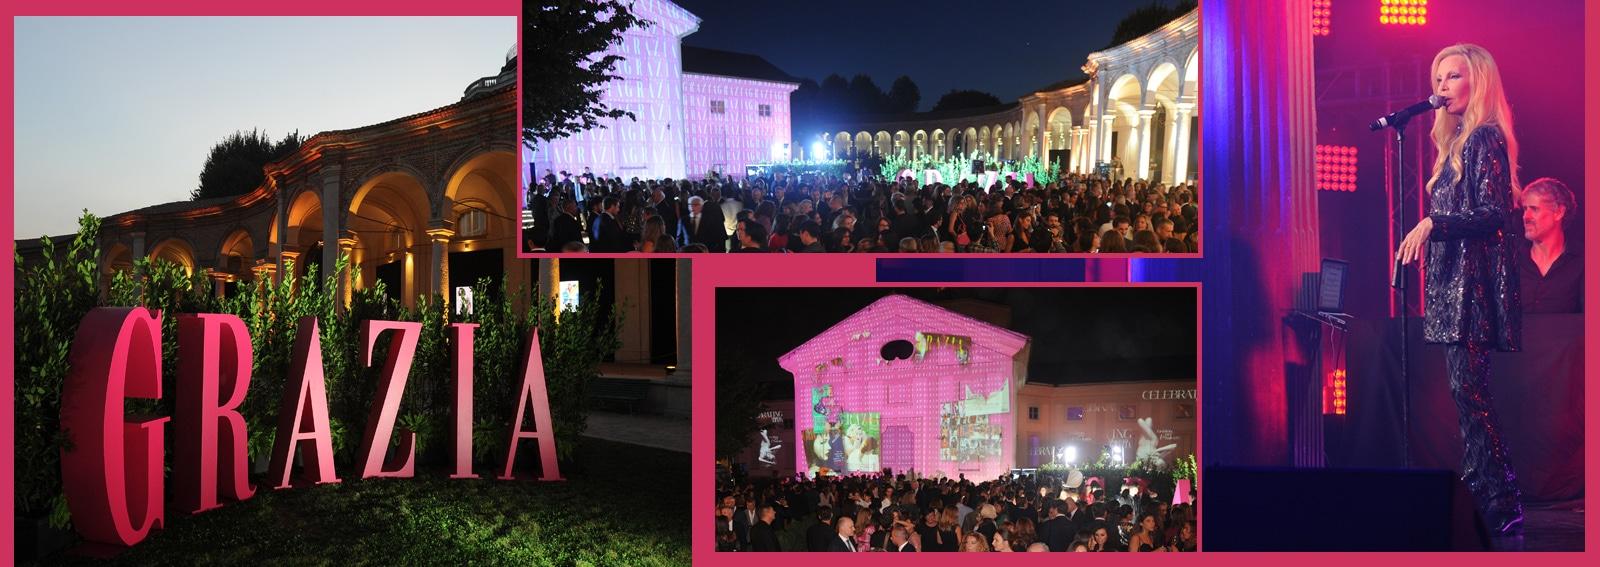 Festa 80 anni Grazia Rotonda della Besana Milano compleanno fashion magazine DESK